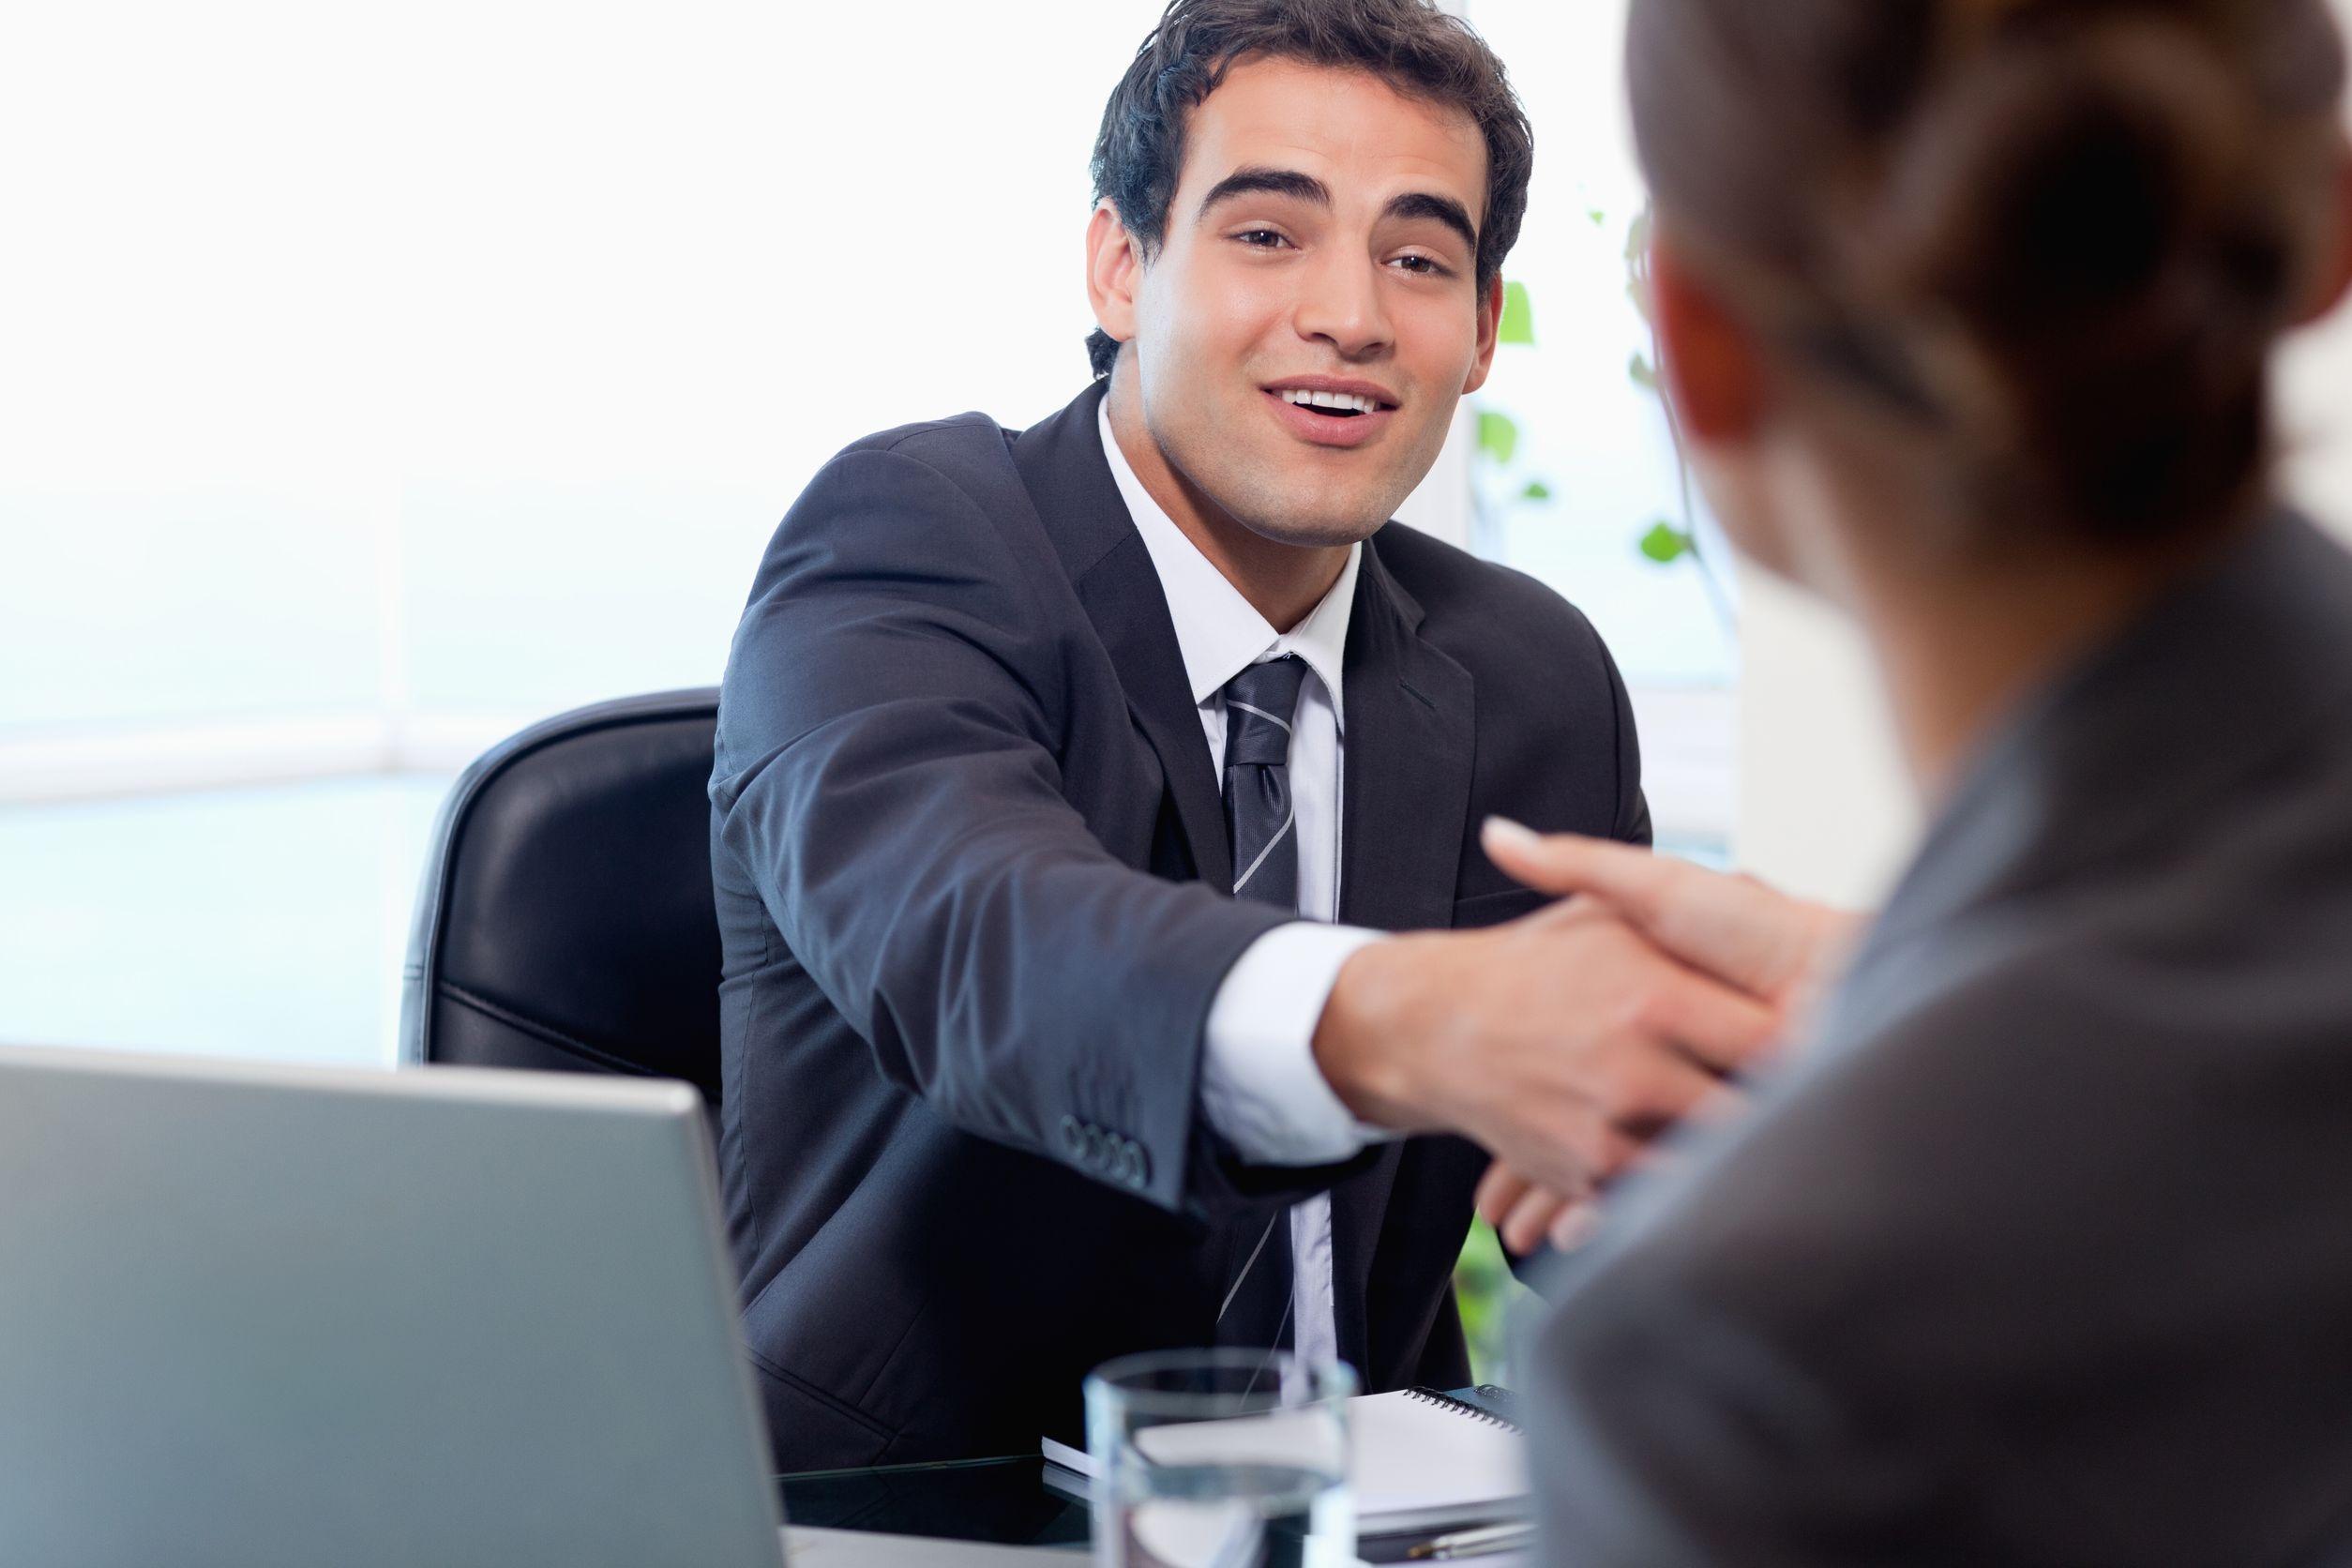 İş Görüşmesinde Maaş Konuşulur mu